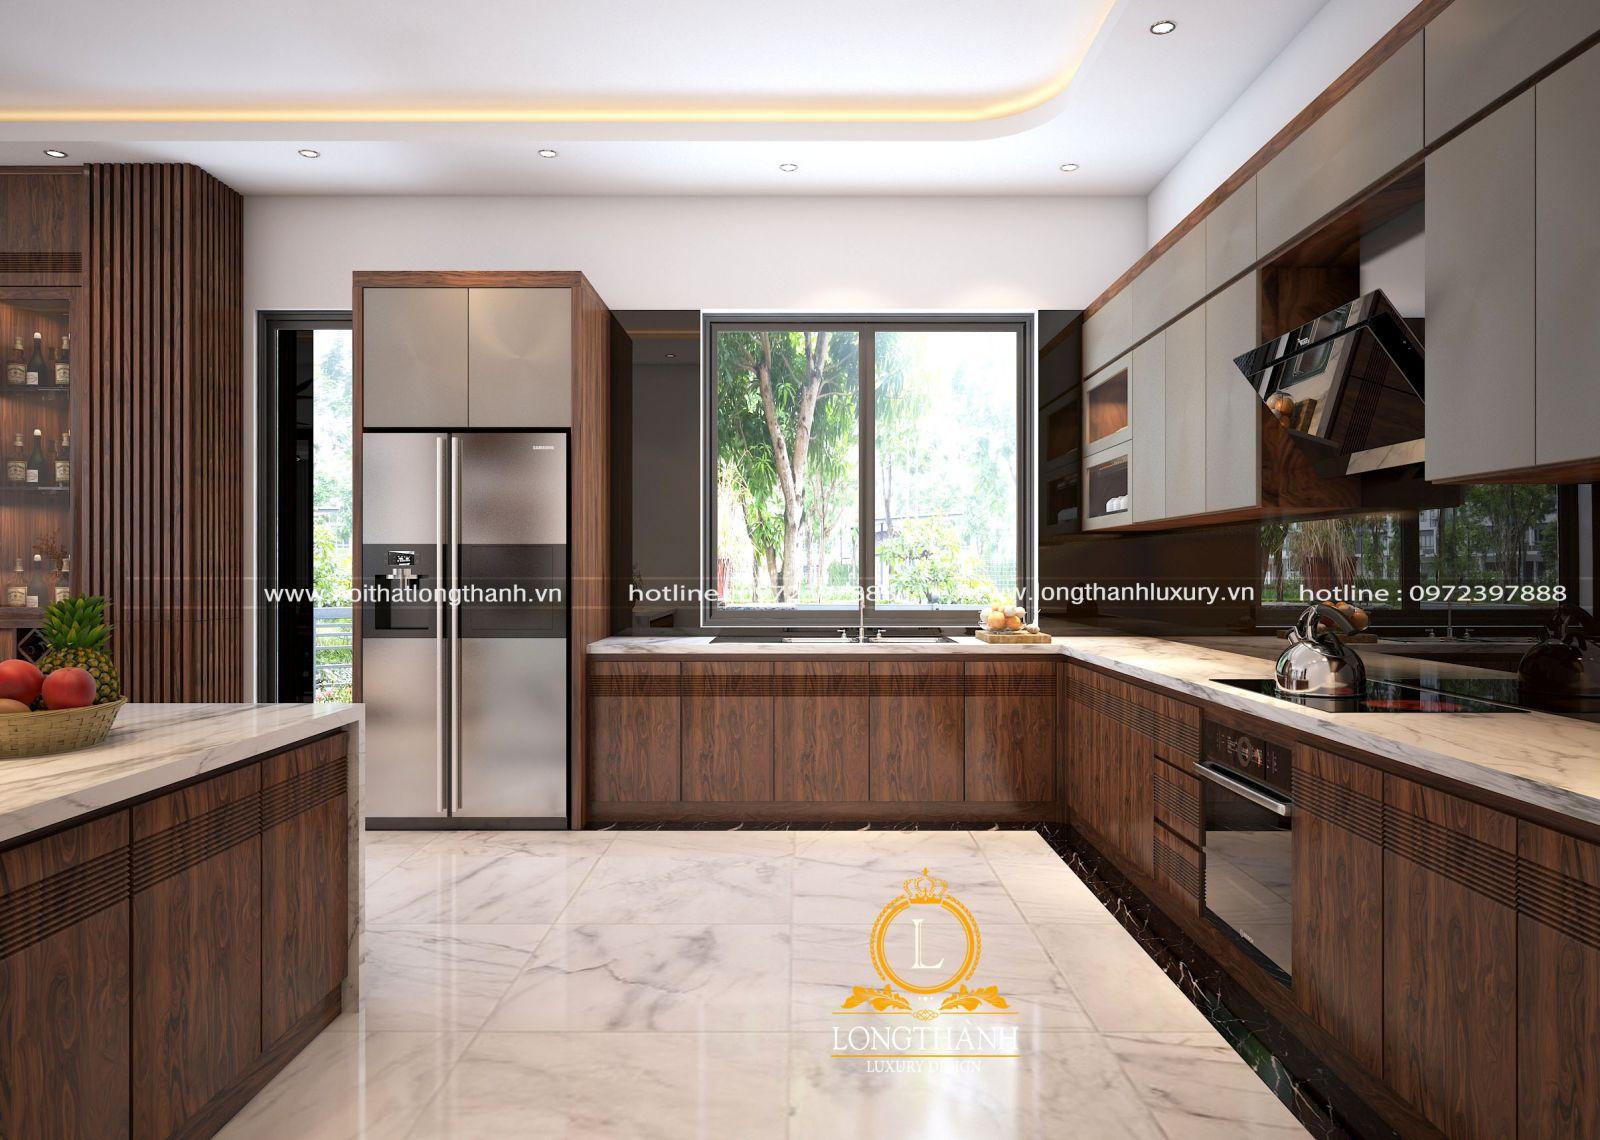 Phòng bếp tone màu nâu gỗ đảm bảo được vẻ đẹp sang trọng và tinh tế cho gia chủ